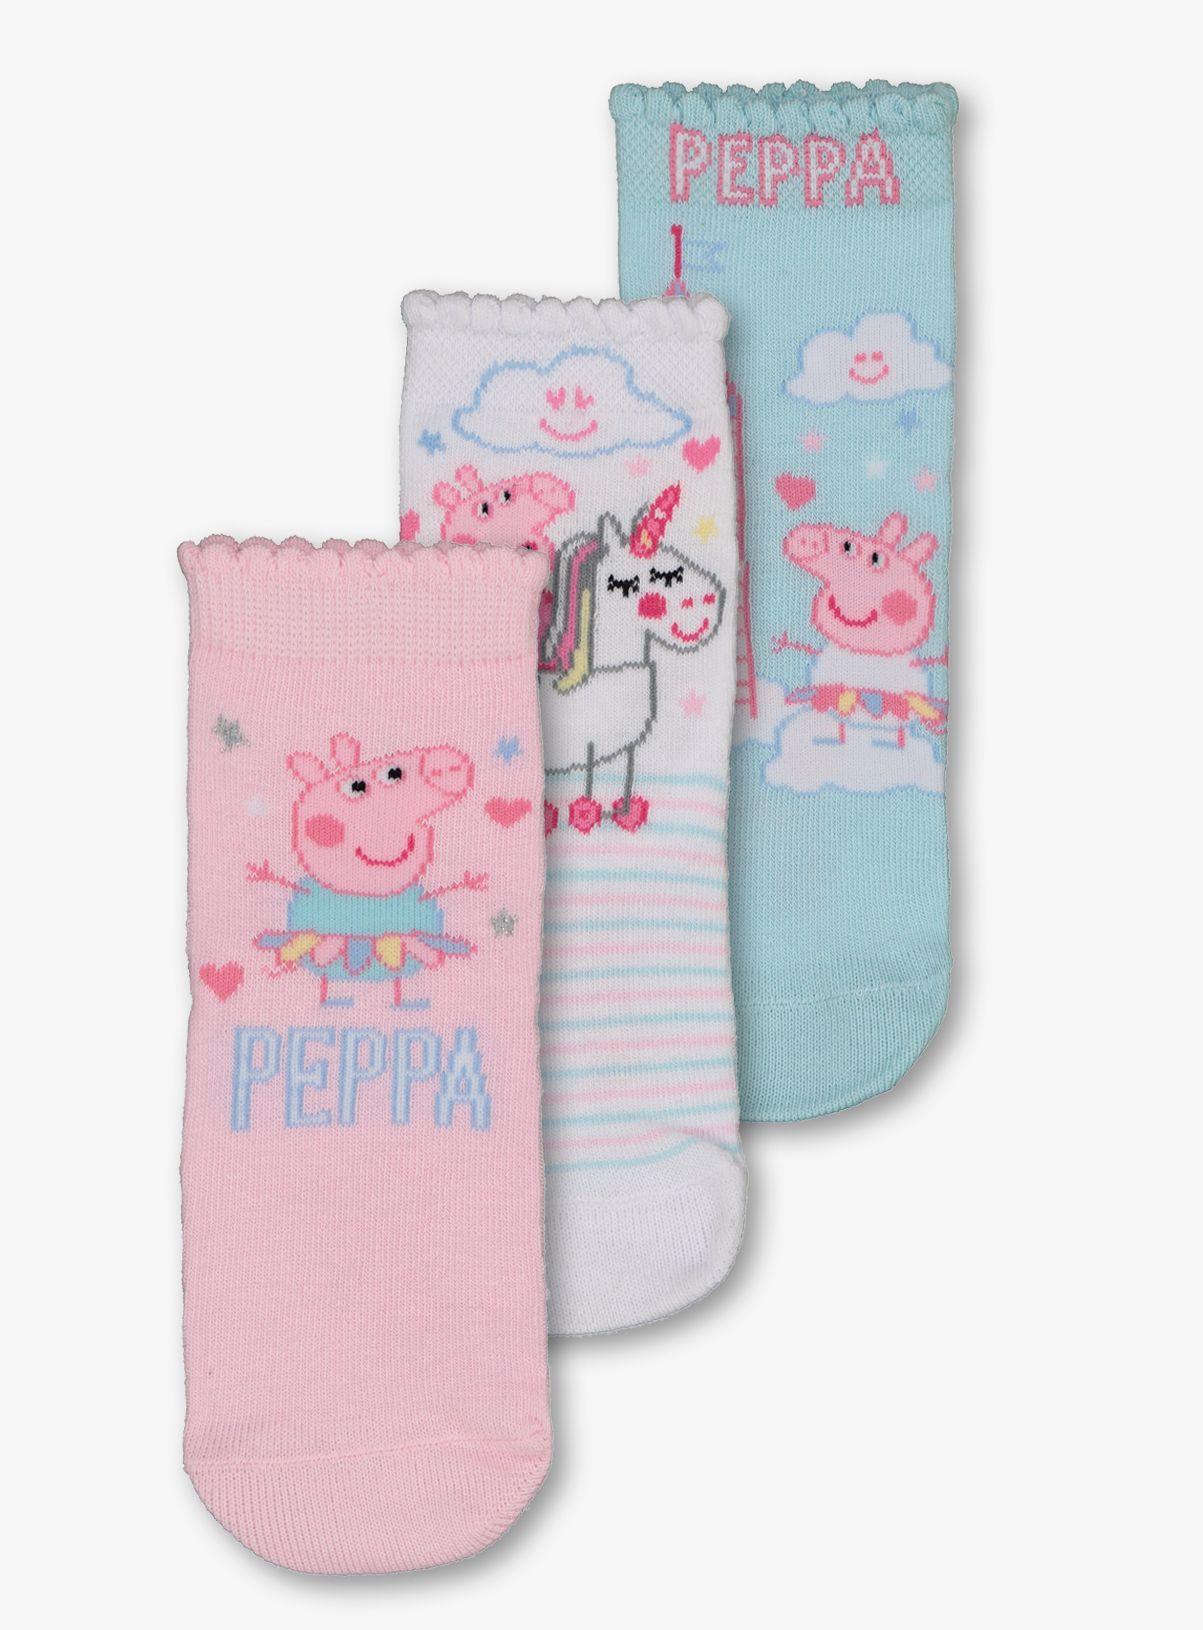 Peppa Pig Childrens 3Pk Socks By BestTrend